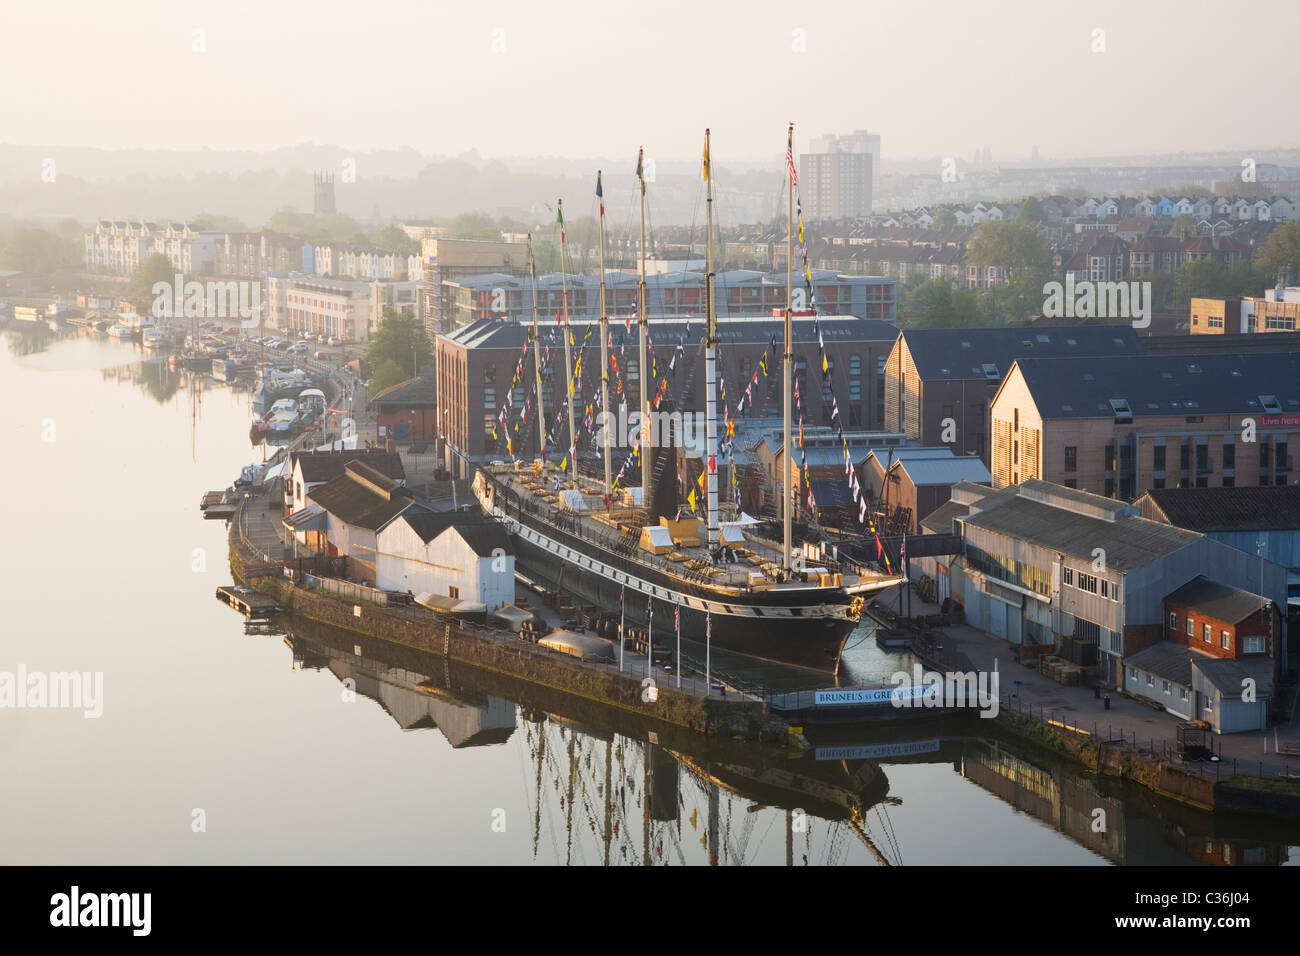 Bristol puerto flotante y el SS Gran Bretaña. Bristol. Inglaterra. En el Reino Unido. Imagen De Stock